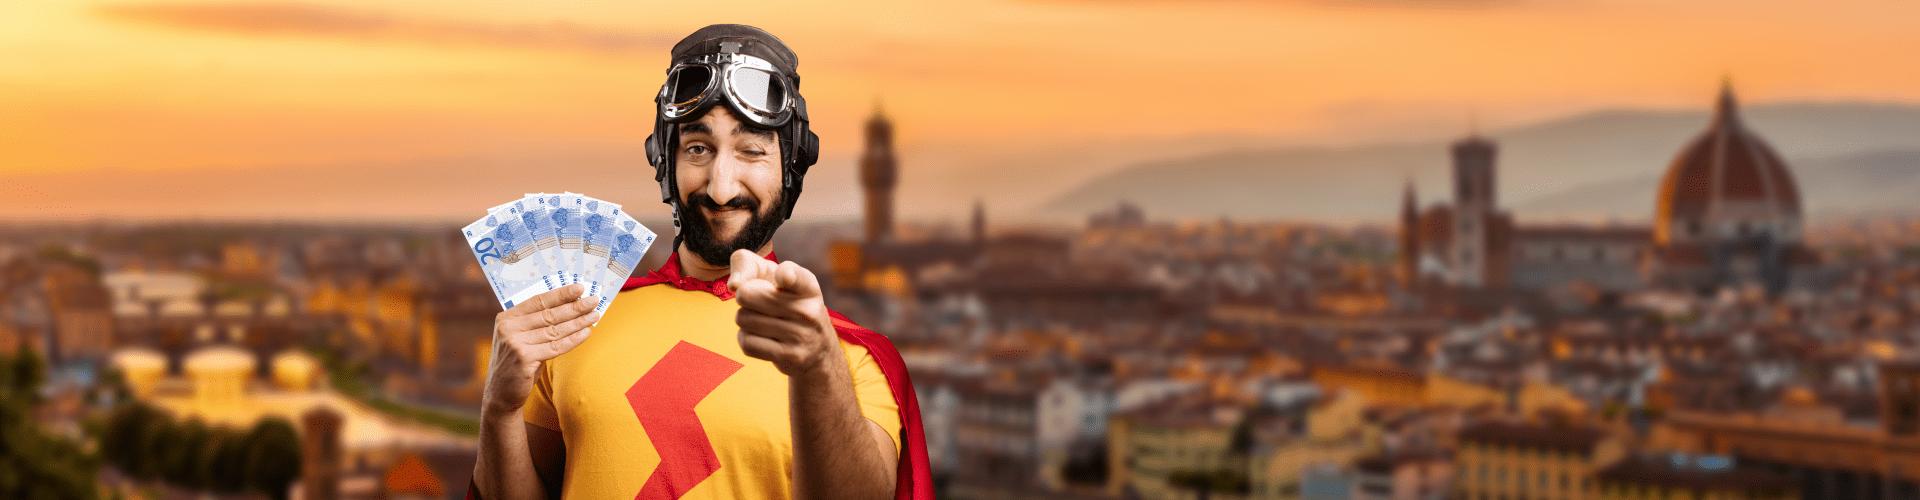 римские каникулы, рим, италия